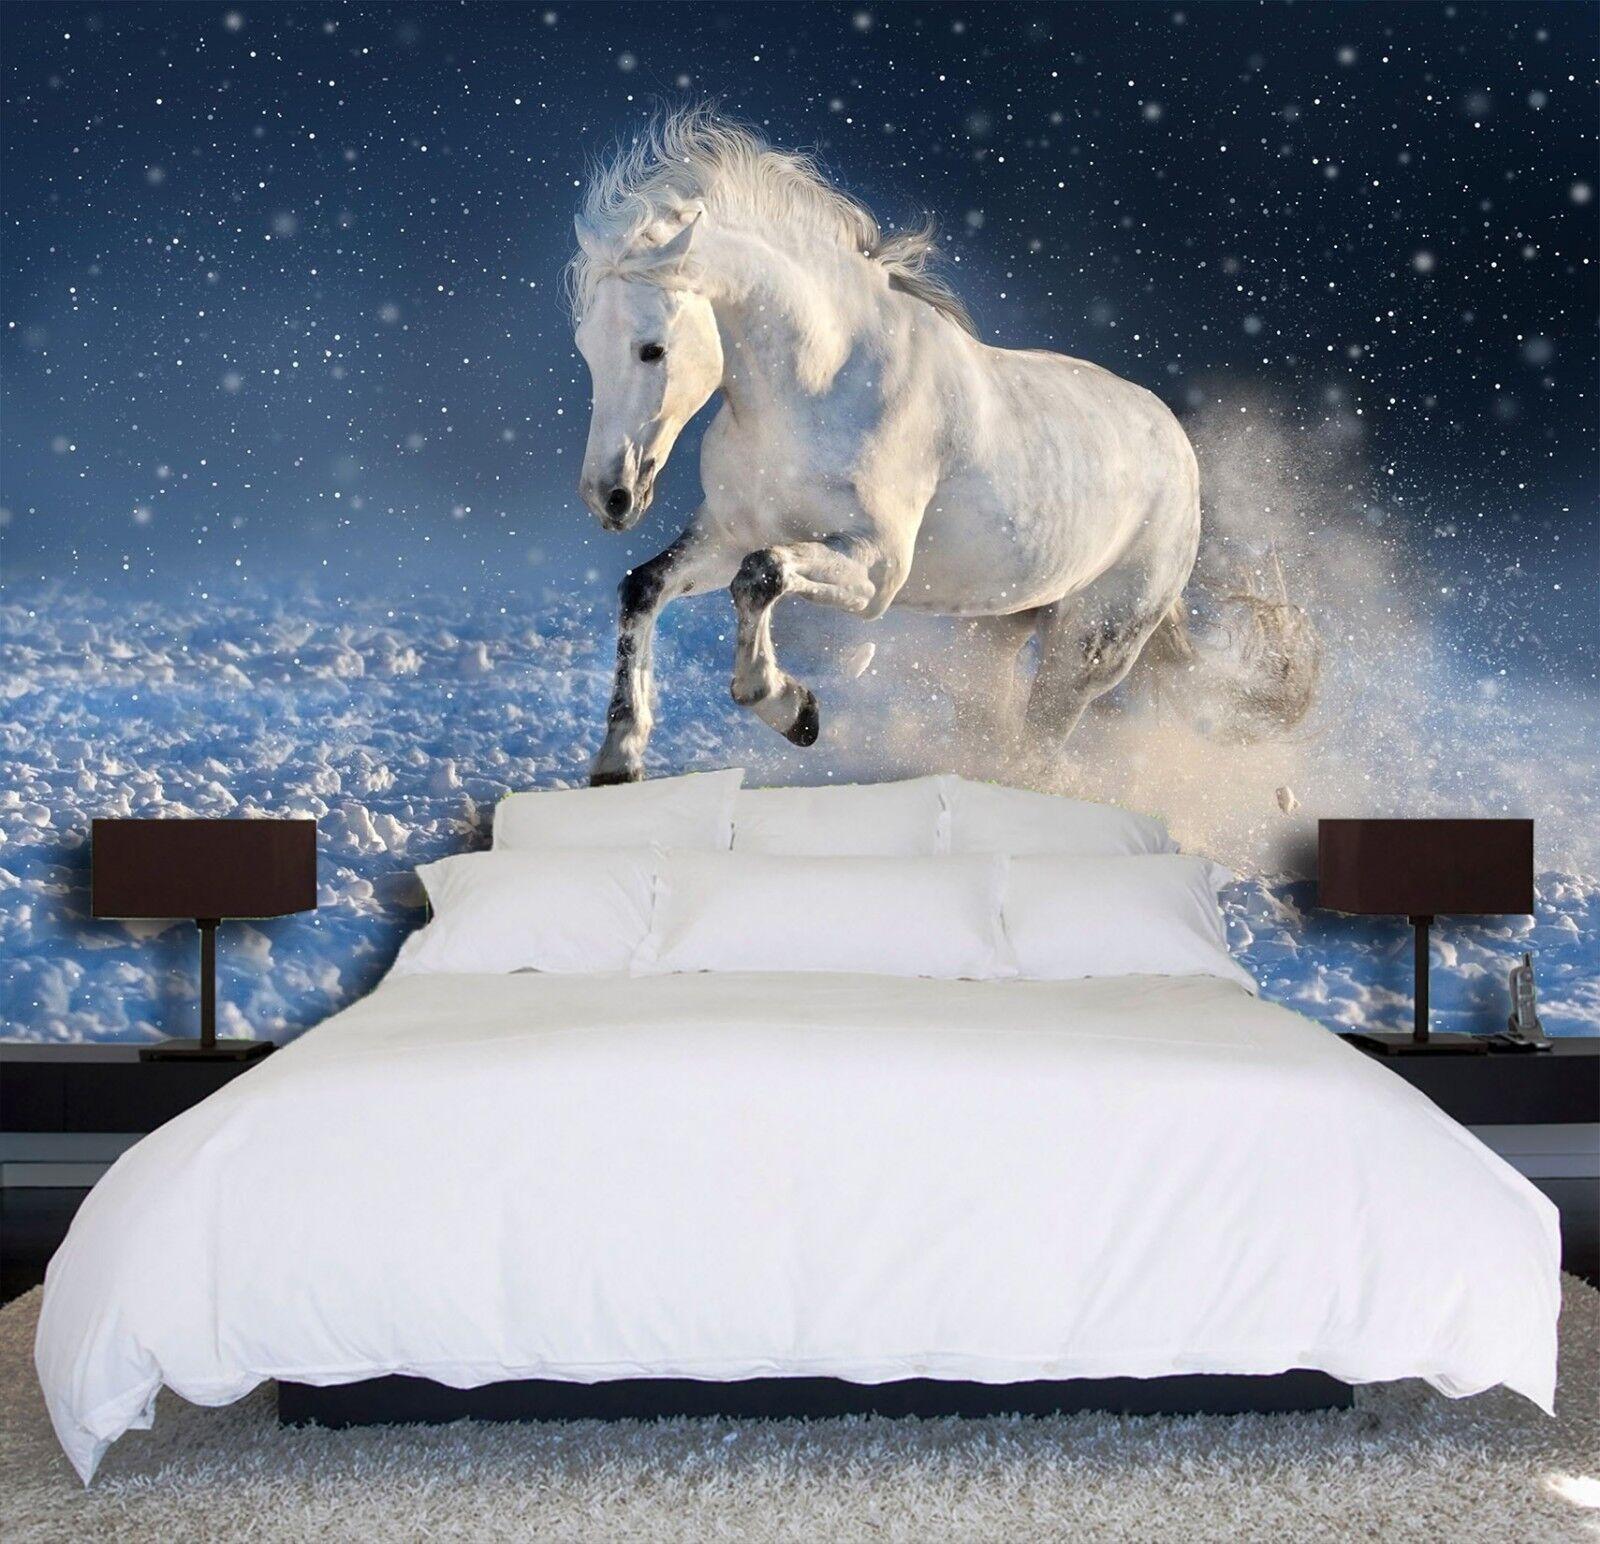 3D Weiß Horse  7151 Wallpaper Mural Wall Print Wall Wallpaper Murals US Lemon